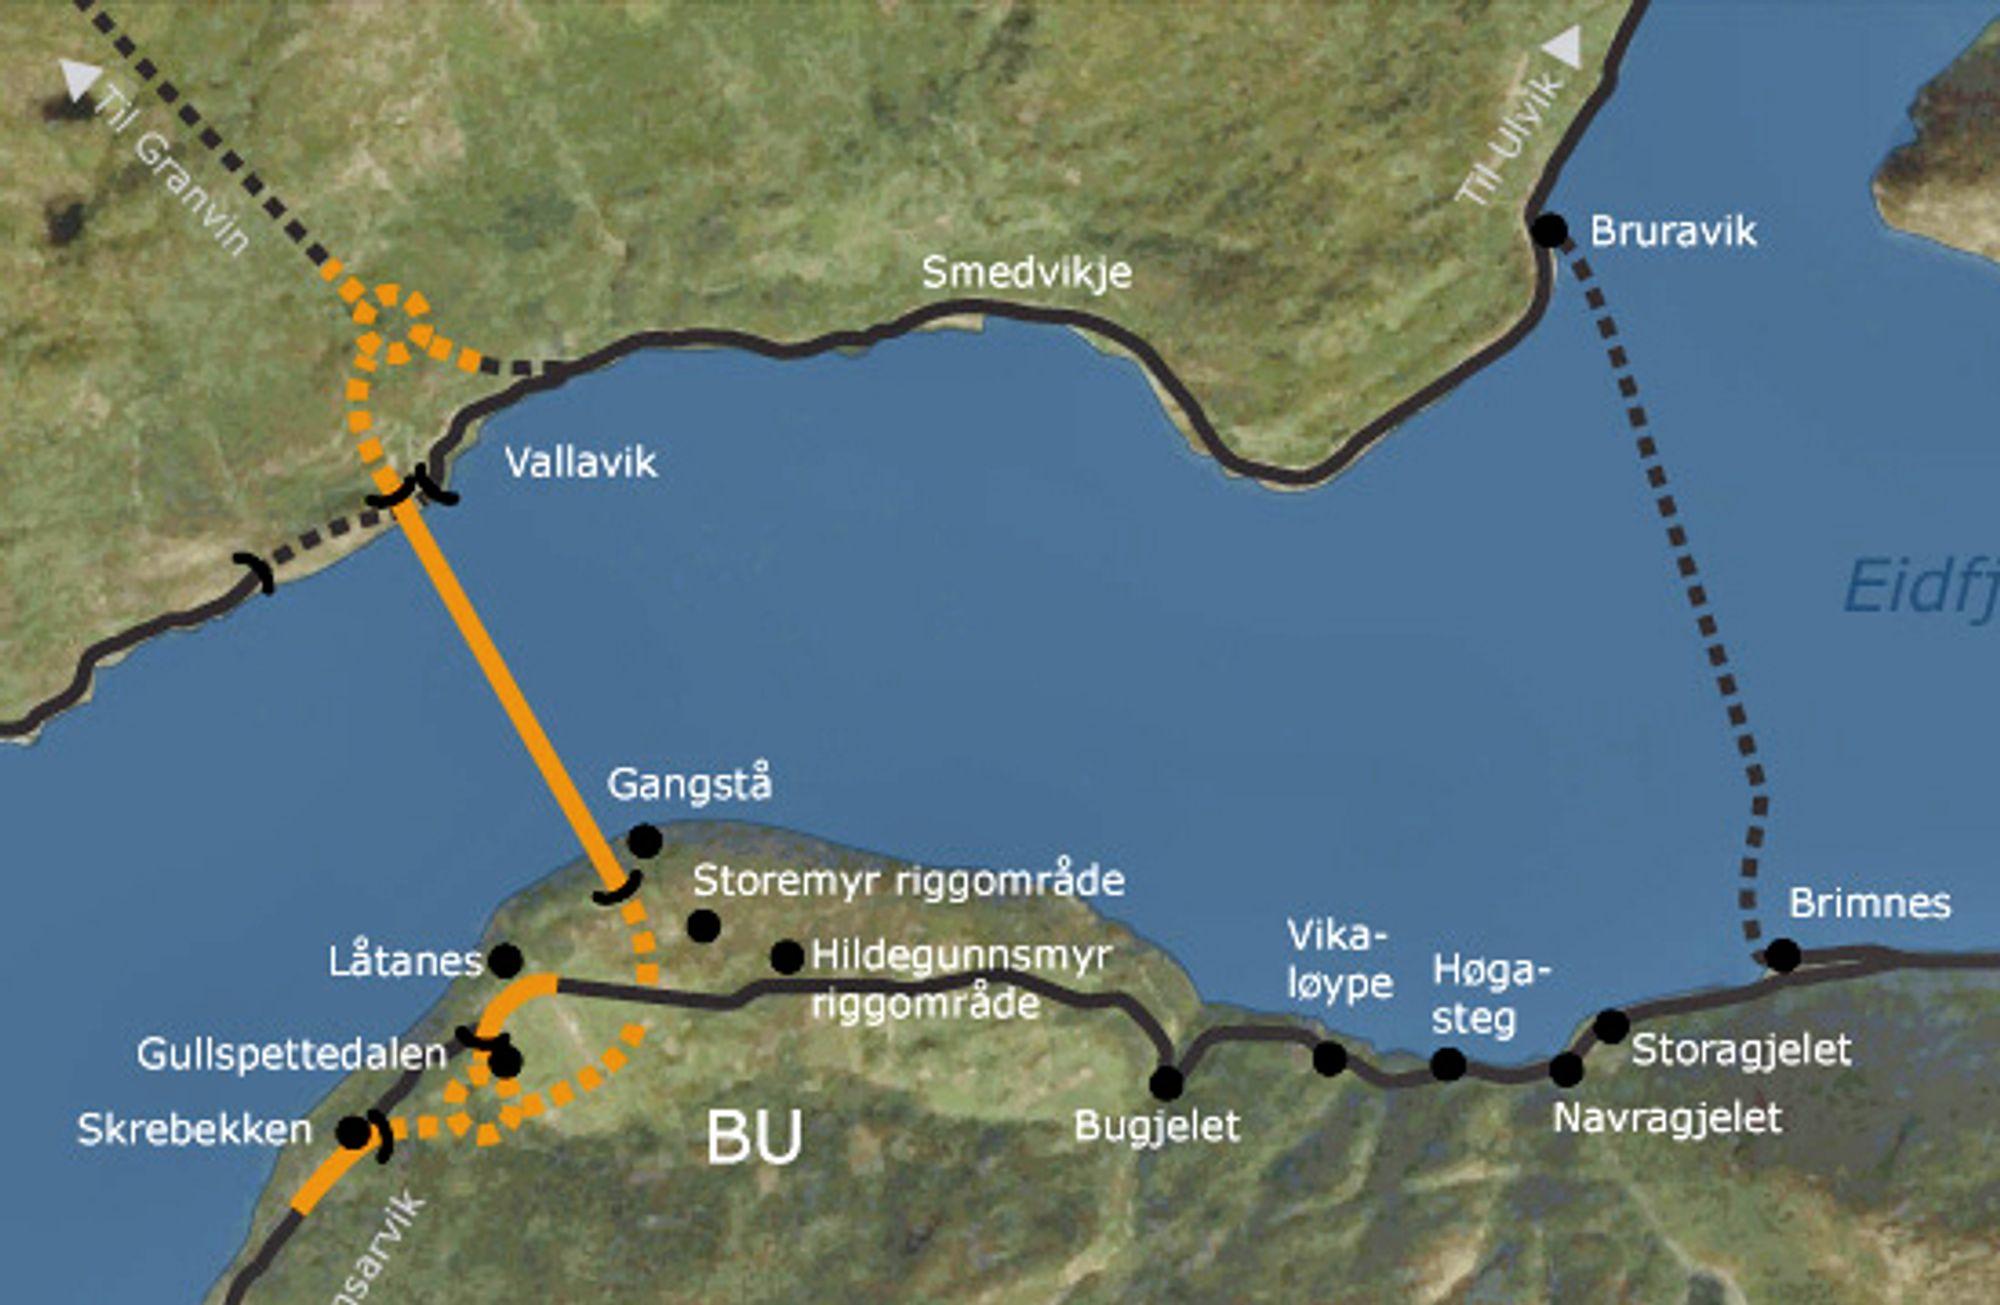 Strekningen som E. Opedal & Sønner skal utbedre går østover fra Bugjelet, som ligger omtrent midtveis mellom Bu og Brimnes. Ill.: Statens vegvesen